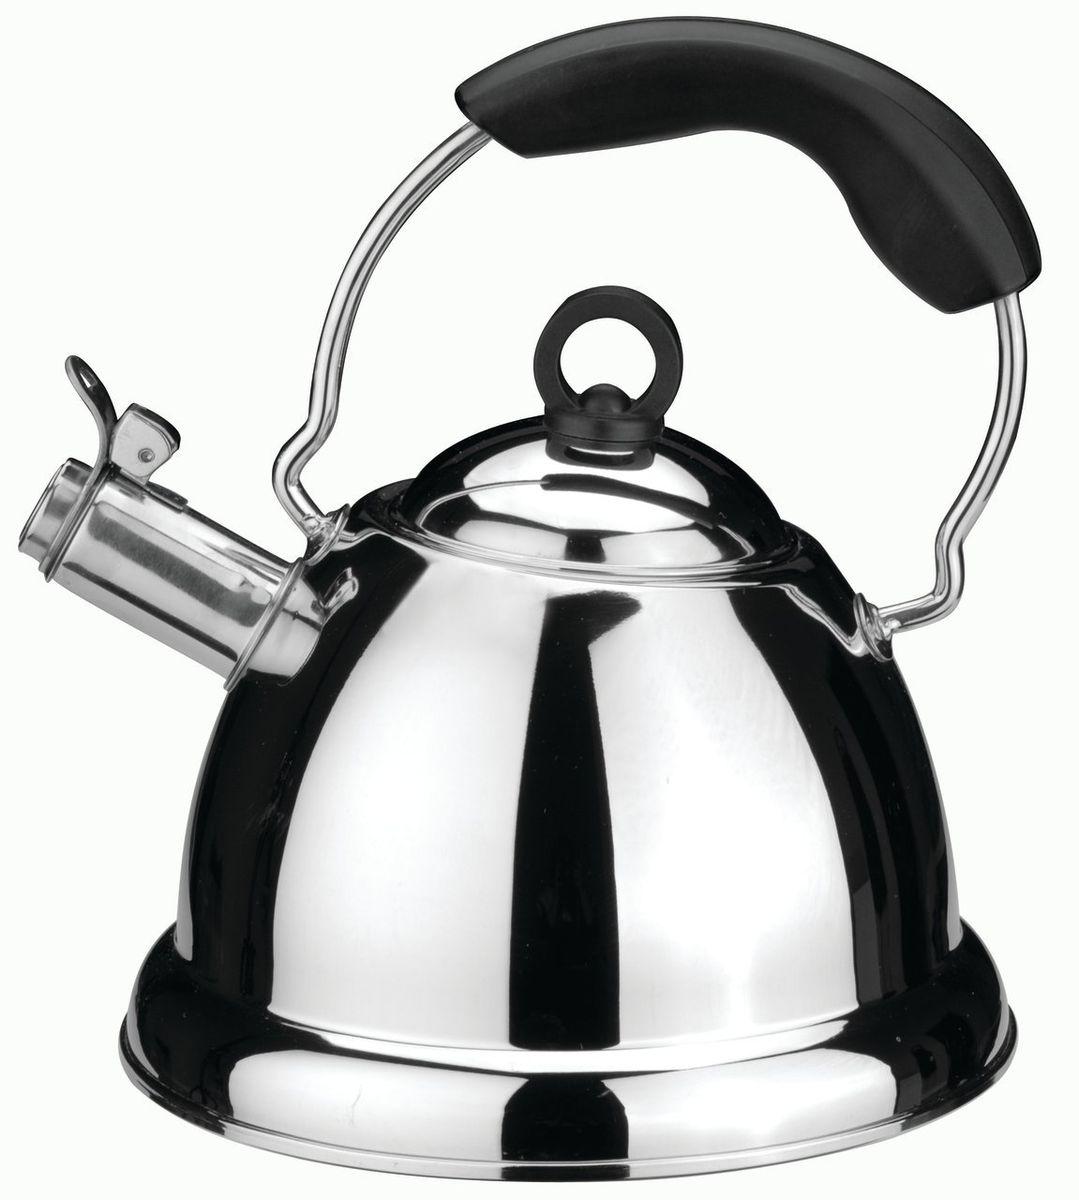 Чайник со свистком BergHOFF Cook&Co Presto, цвет: металлик-черный, 2,5 л68/5/3Чайник со свистком BergHOFF Cook&Co Presto - выполнен из нержавеющей стали. Высокоэффективный чайник продуктивно проводит тепло для быстрого закипания. Свисток сообщает о моменте закипания воды. Рекомендуется мыть вручную. Упакован в подарочную коробку. Нержавеющая сталь